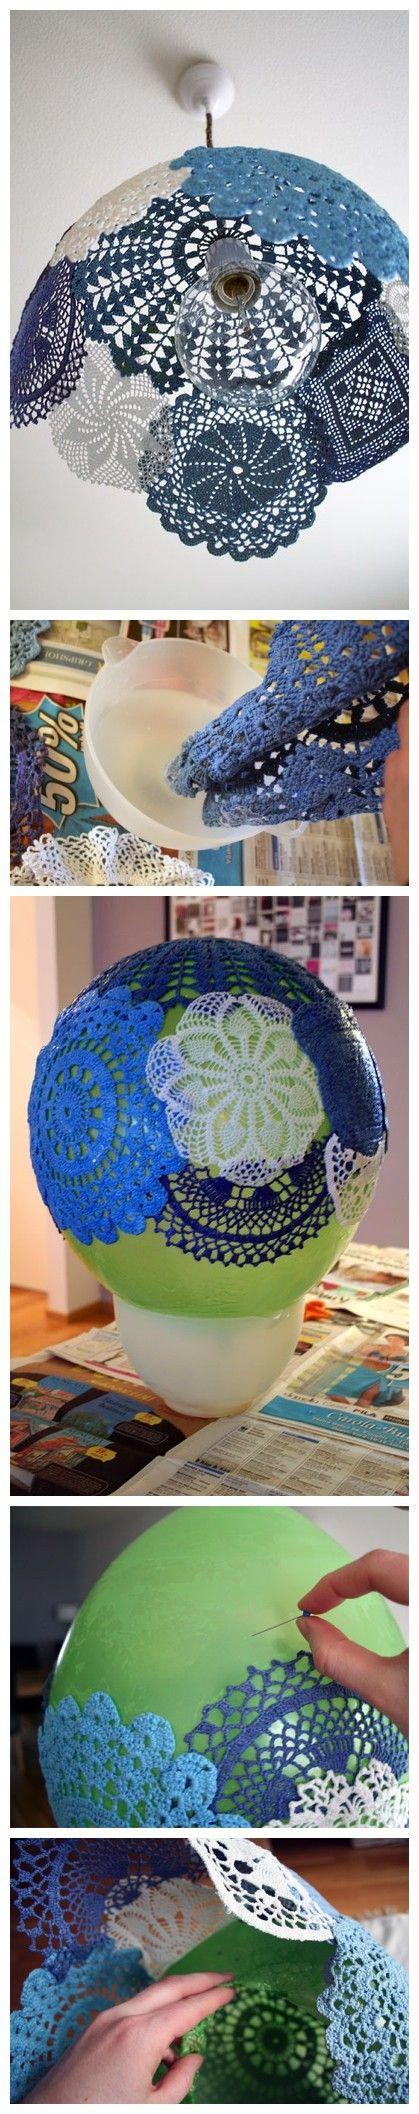 Faça você mesma: uma cúpula de crochê                                                                                                                                                                                 More